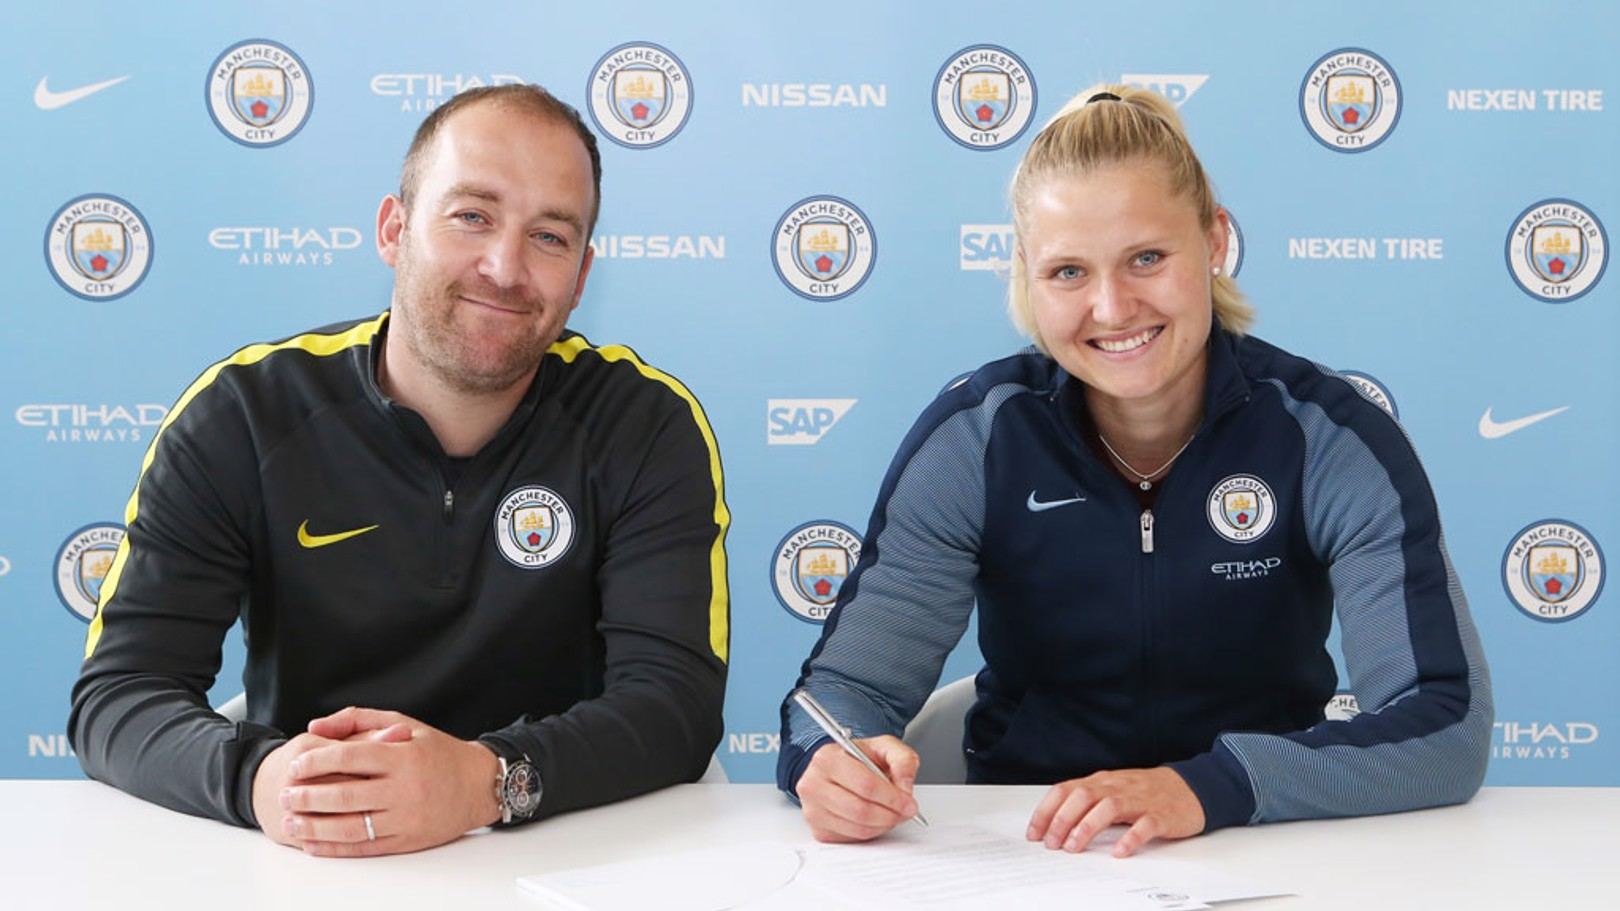 Mie Jans firma por el City